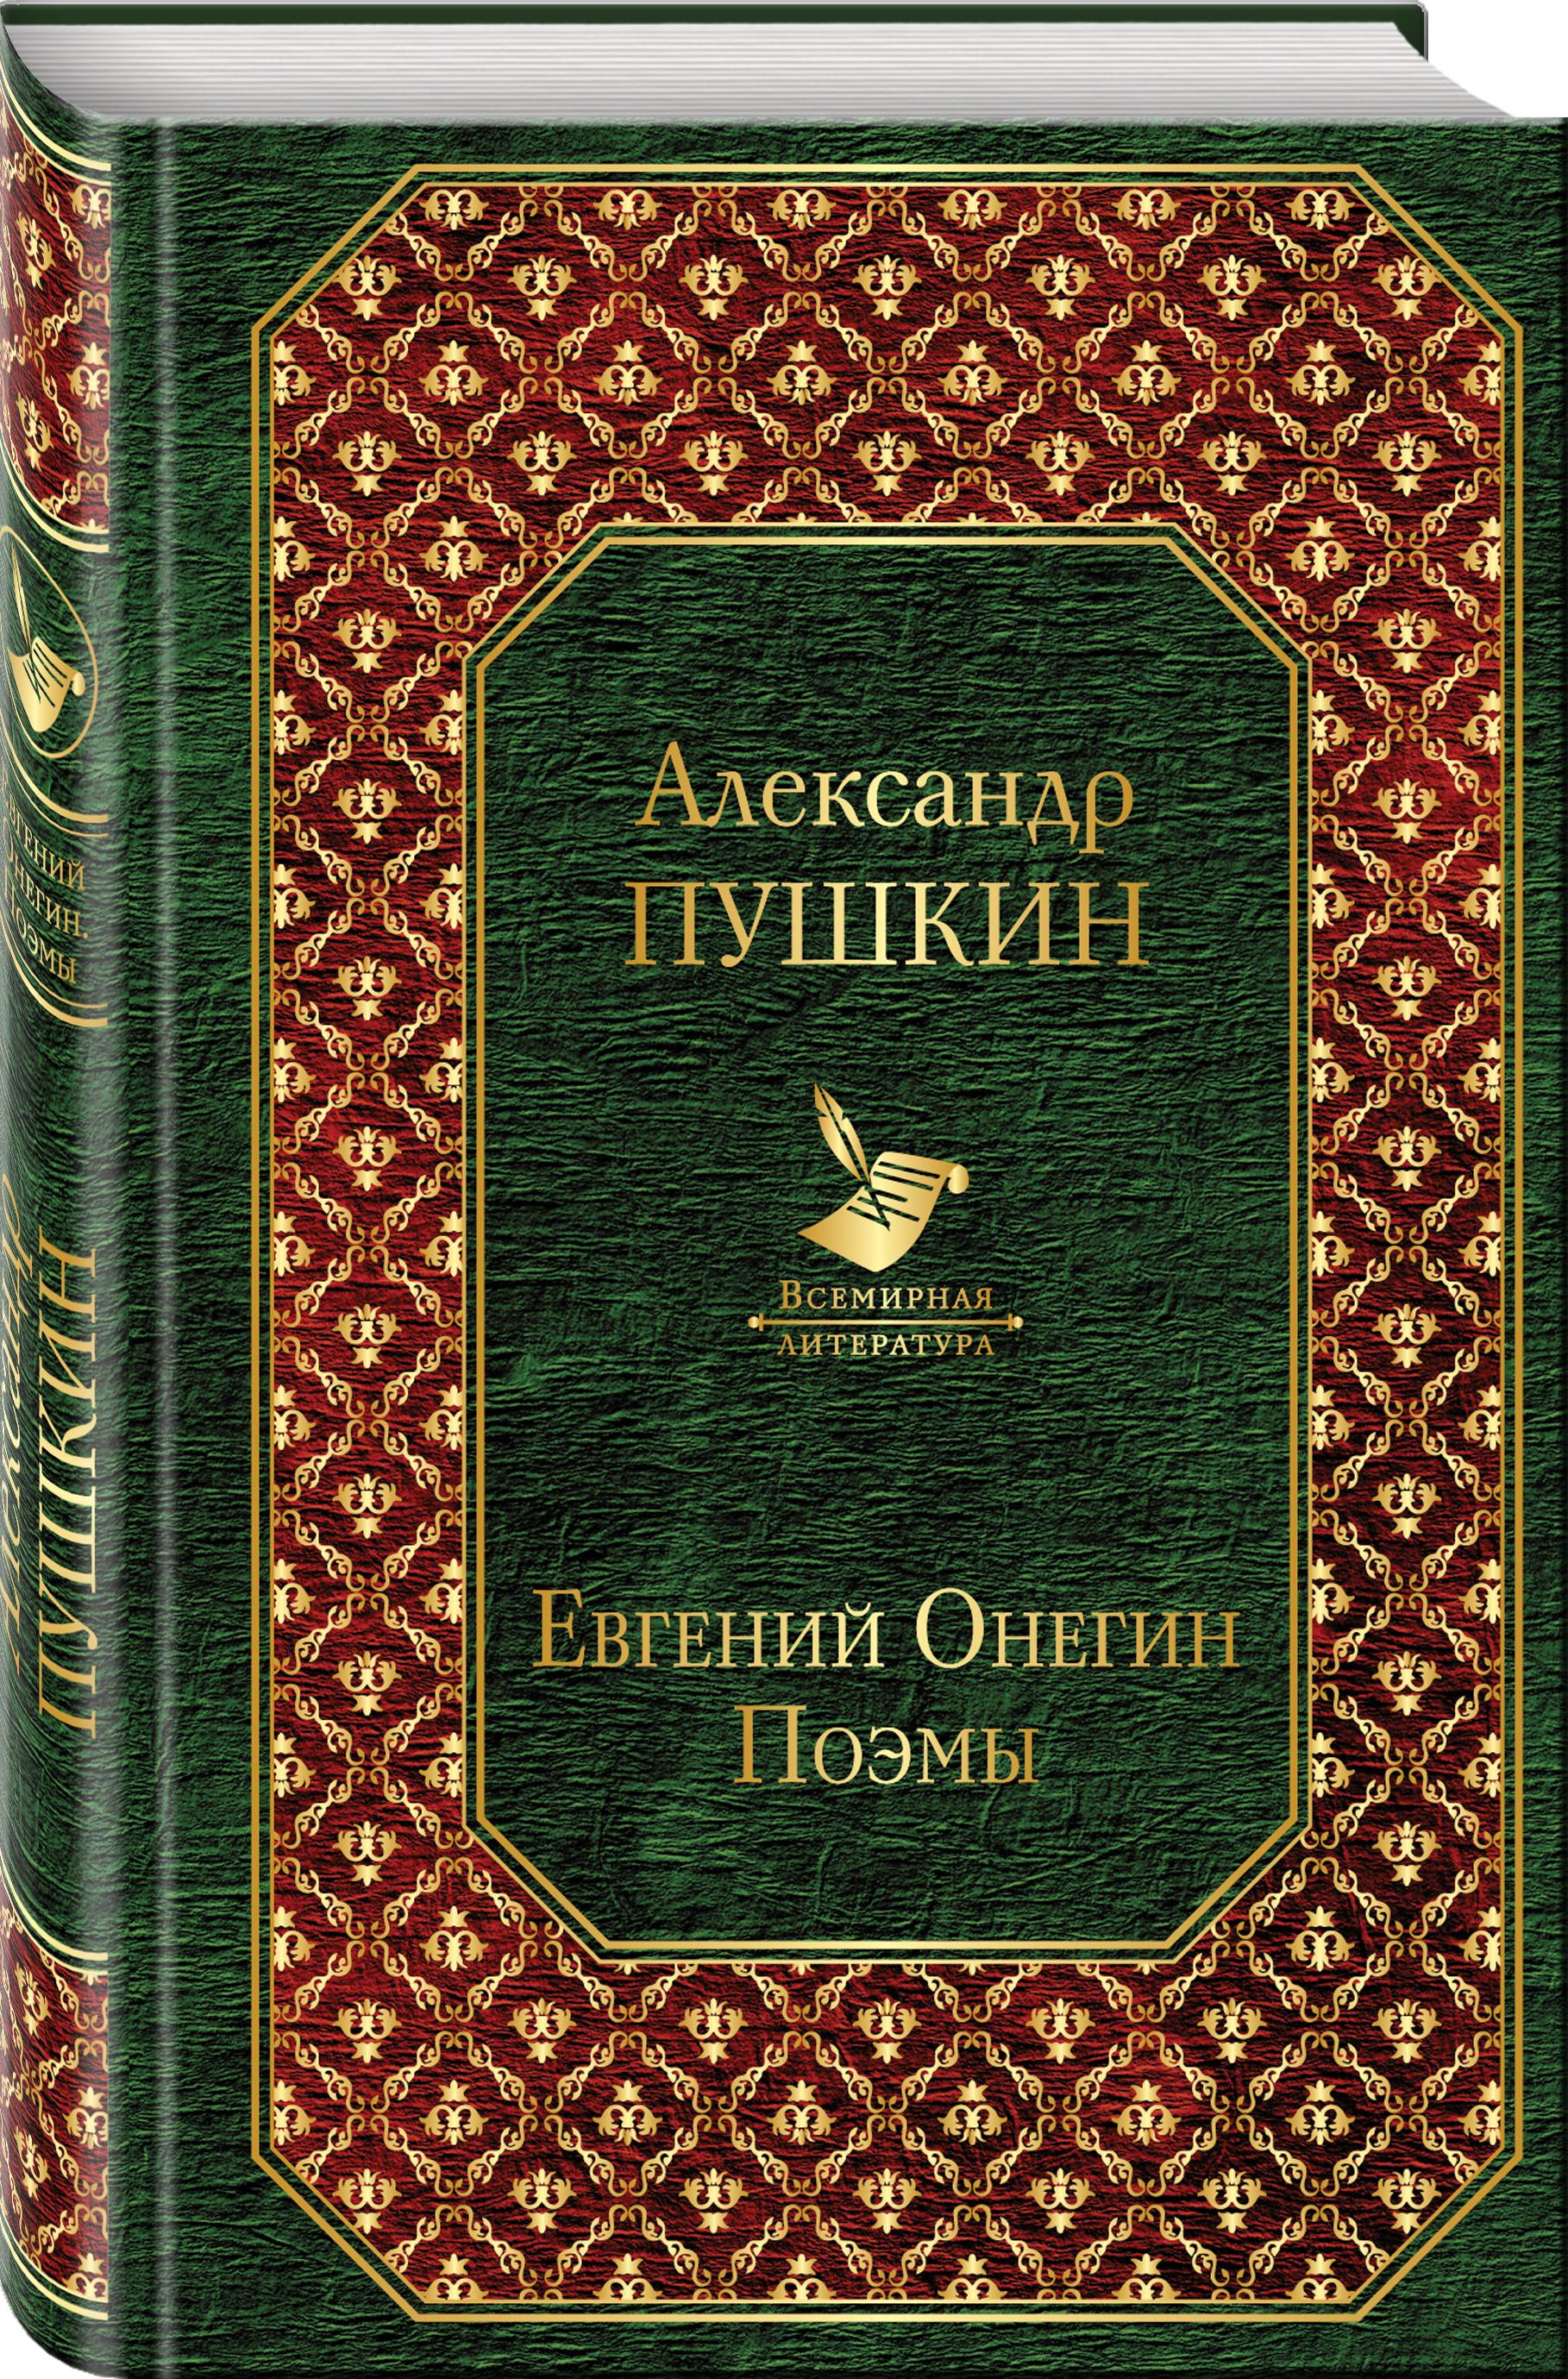 Александр Пушкин Евгений Онегин. Поэмы